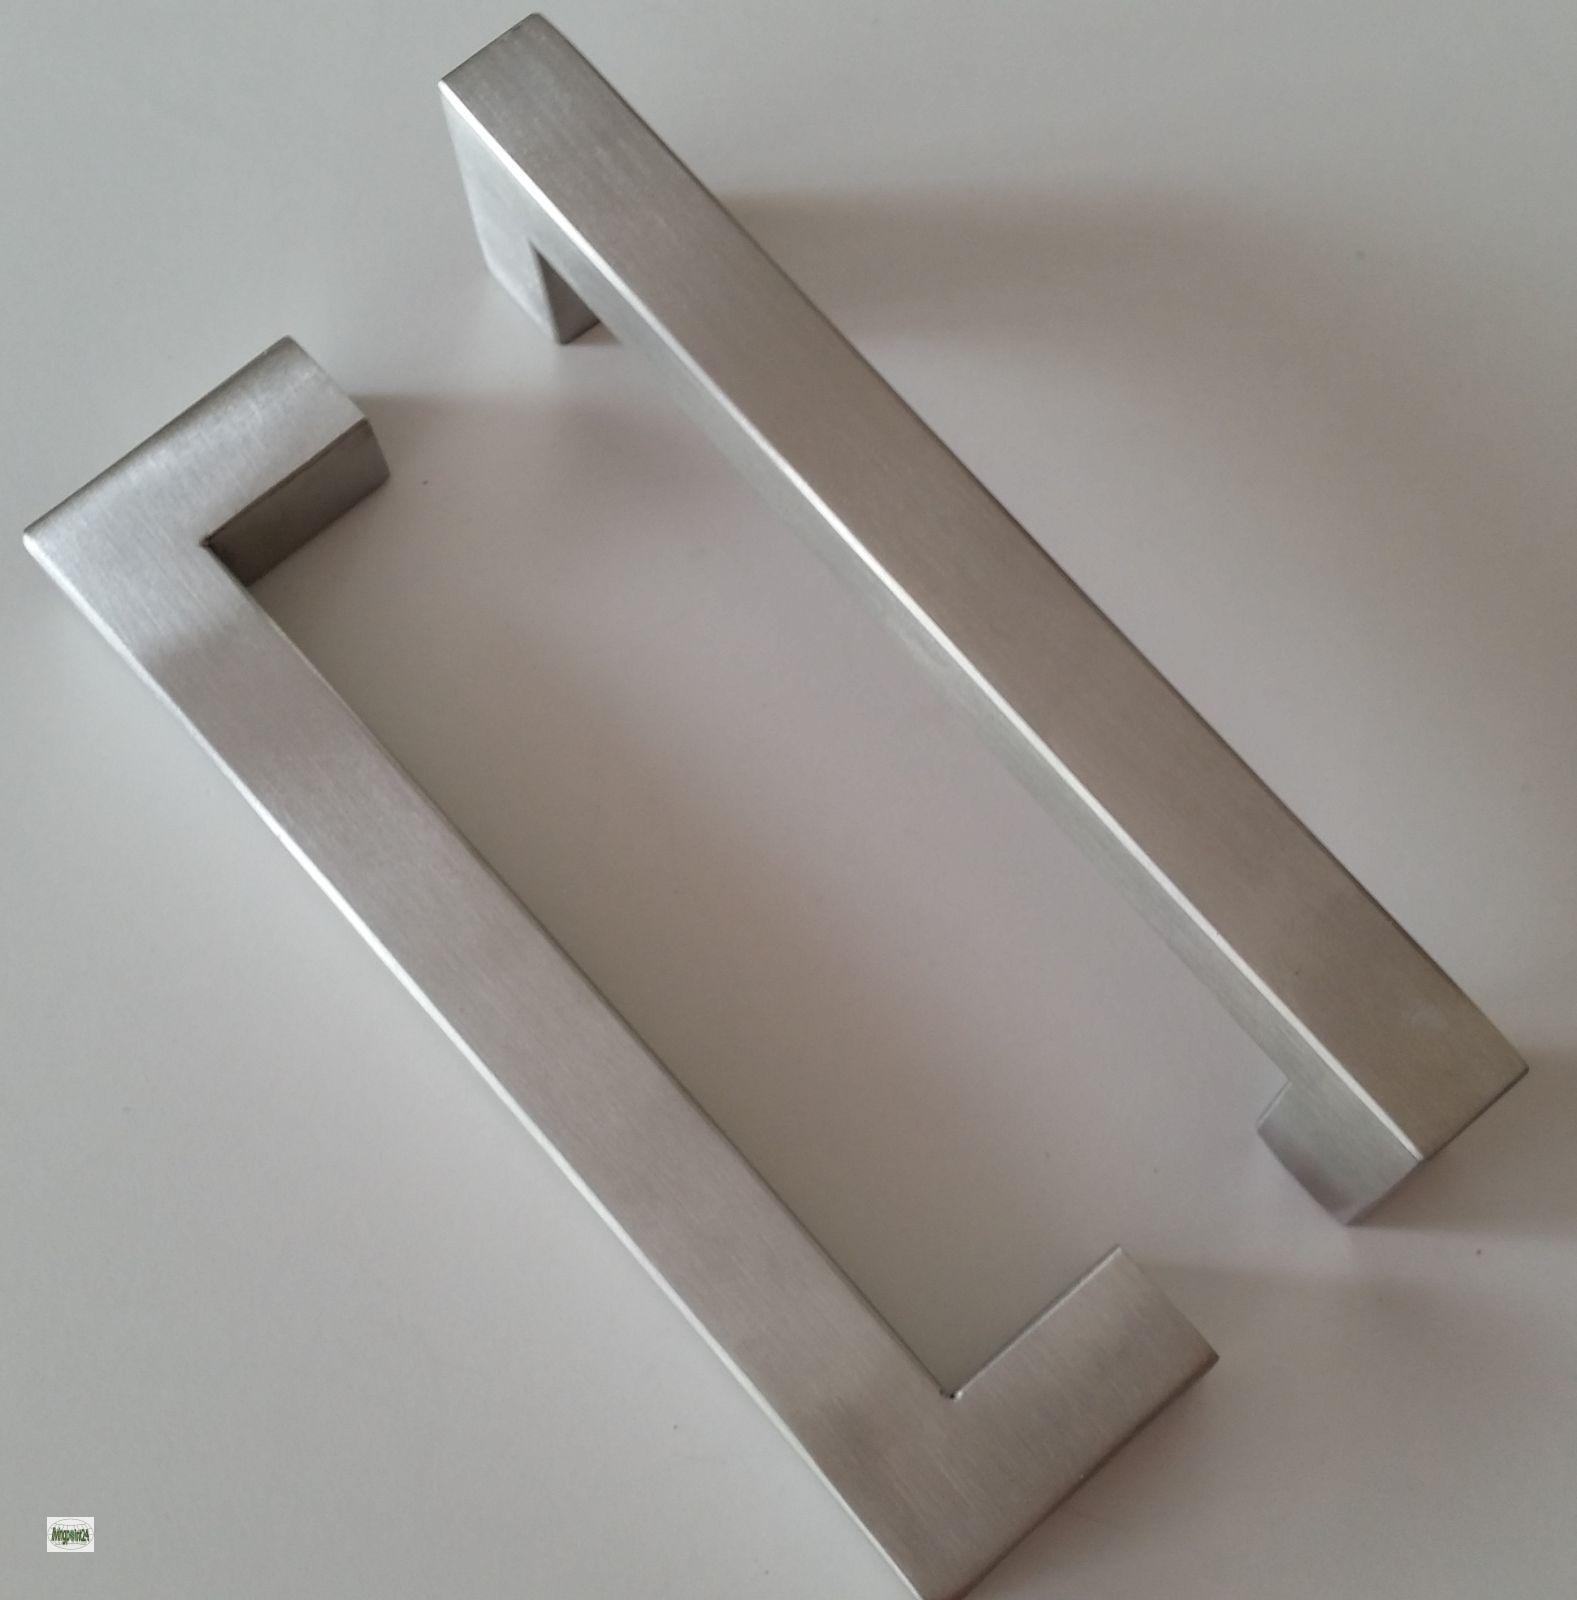 m belgriffe ba 96 128 160 192mm edelstahl geb rstet 14x14mm k chengriffe 605 a ebay. Black Bedroom Furniture Sets. Home Design Ideas